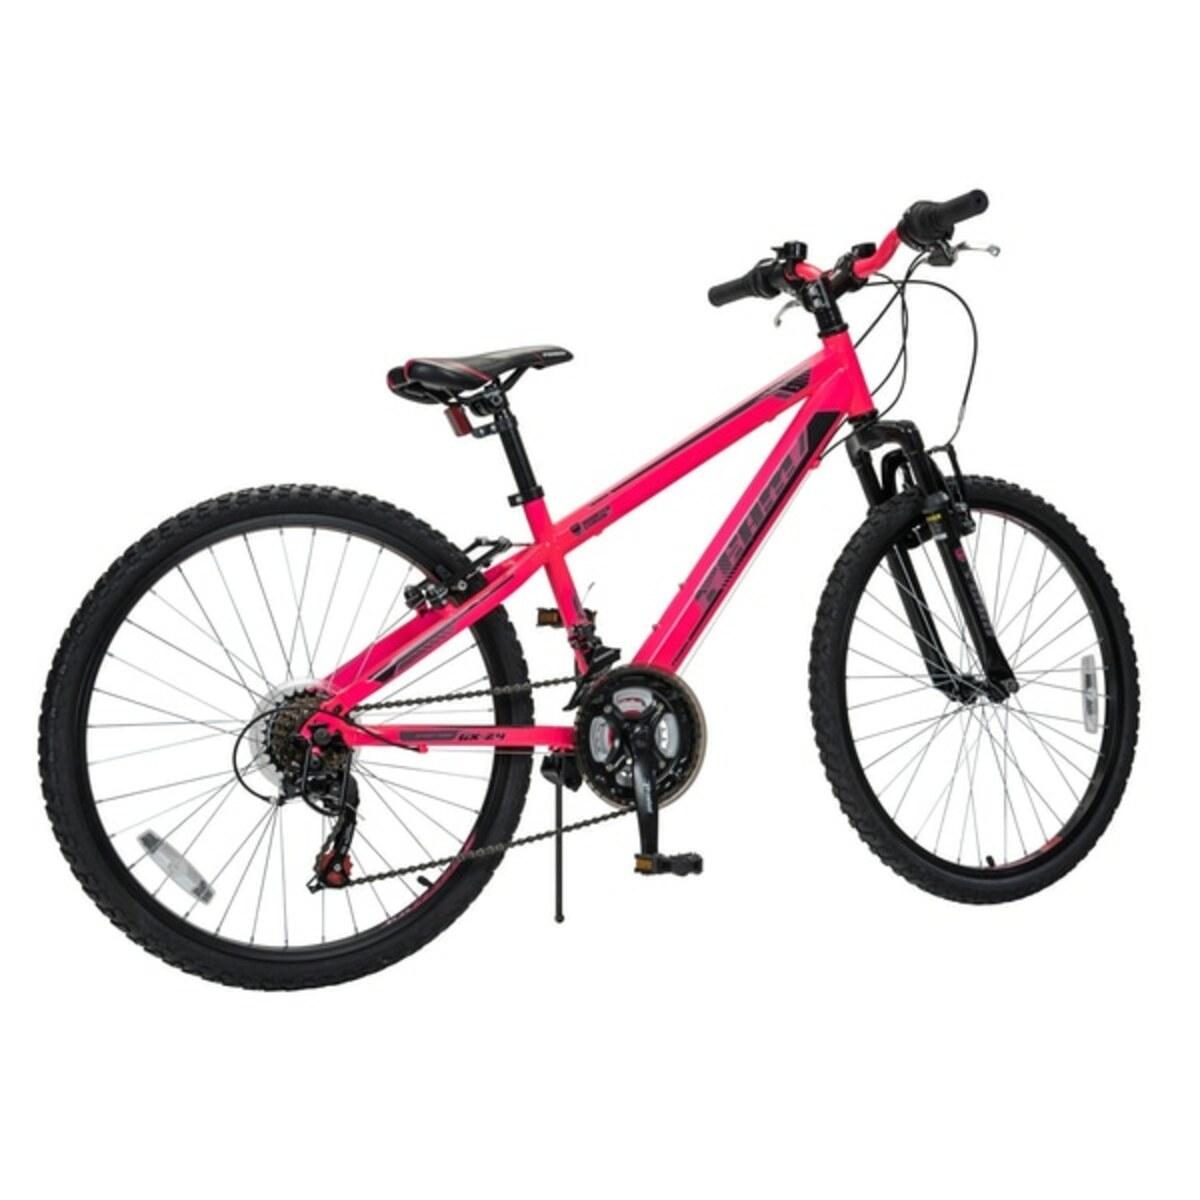 Bild 4 von 26 Zoll Mountainbike Team GX-26, pink